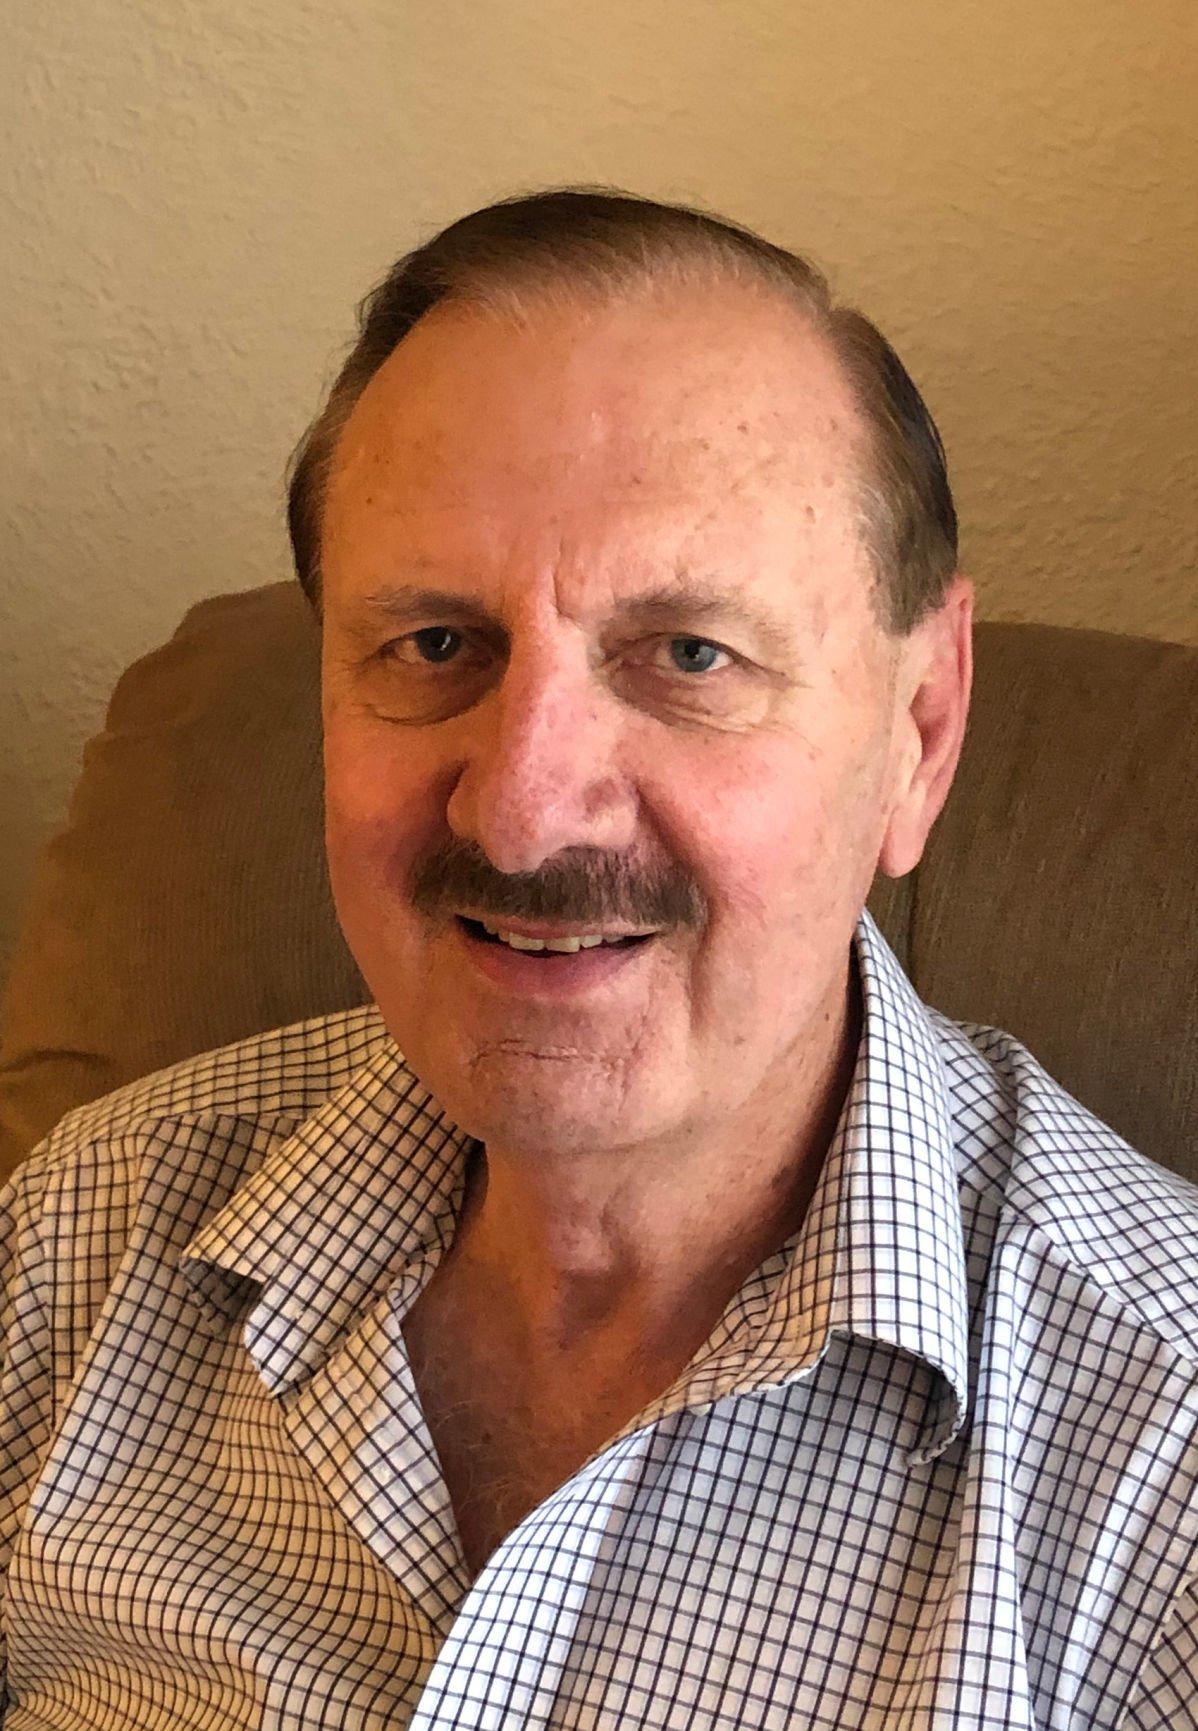 Larry Meisenheimer